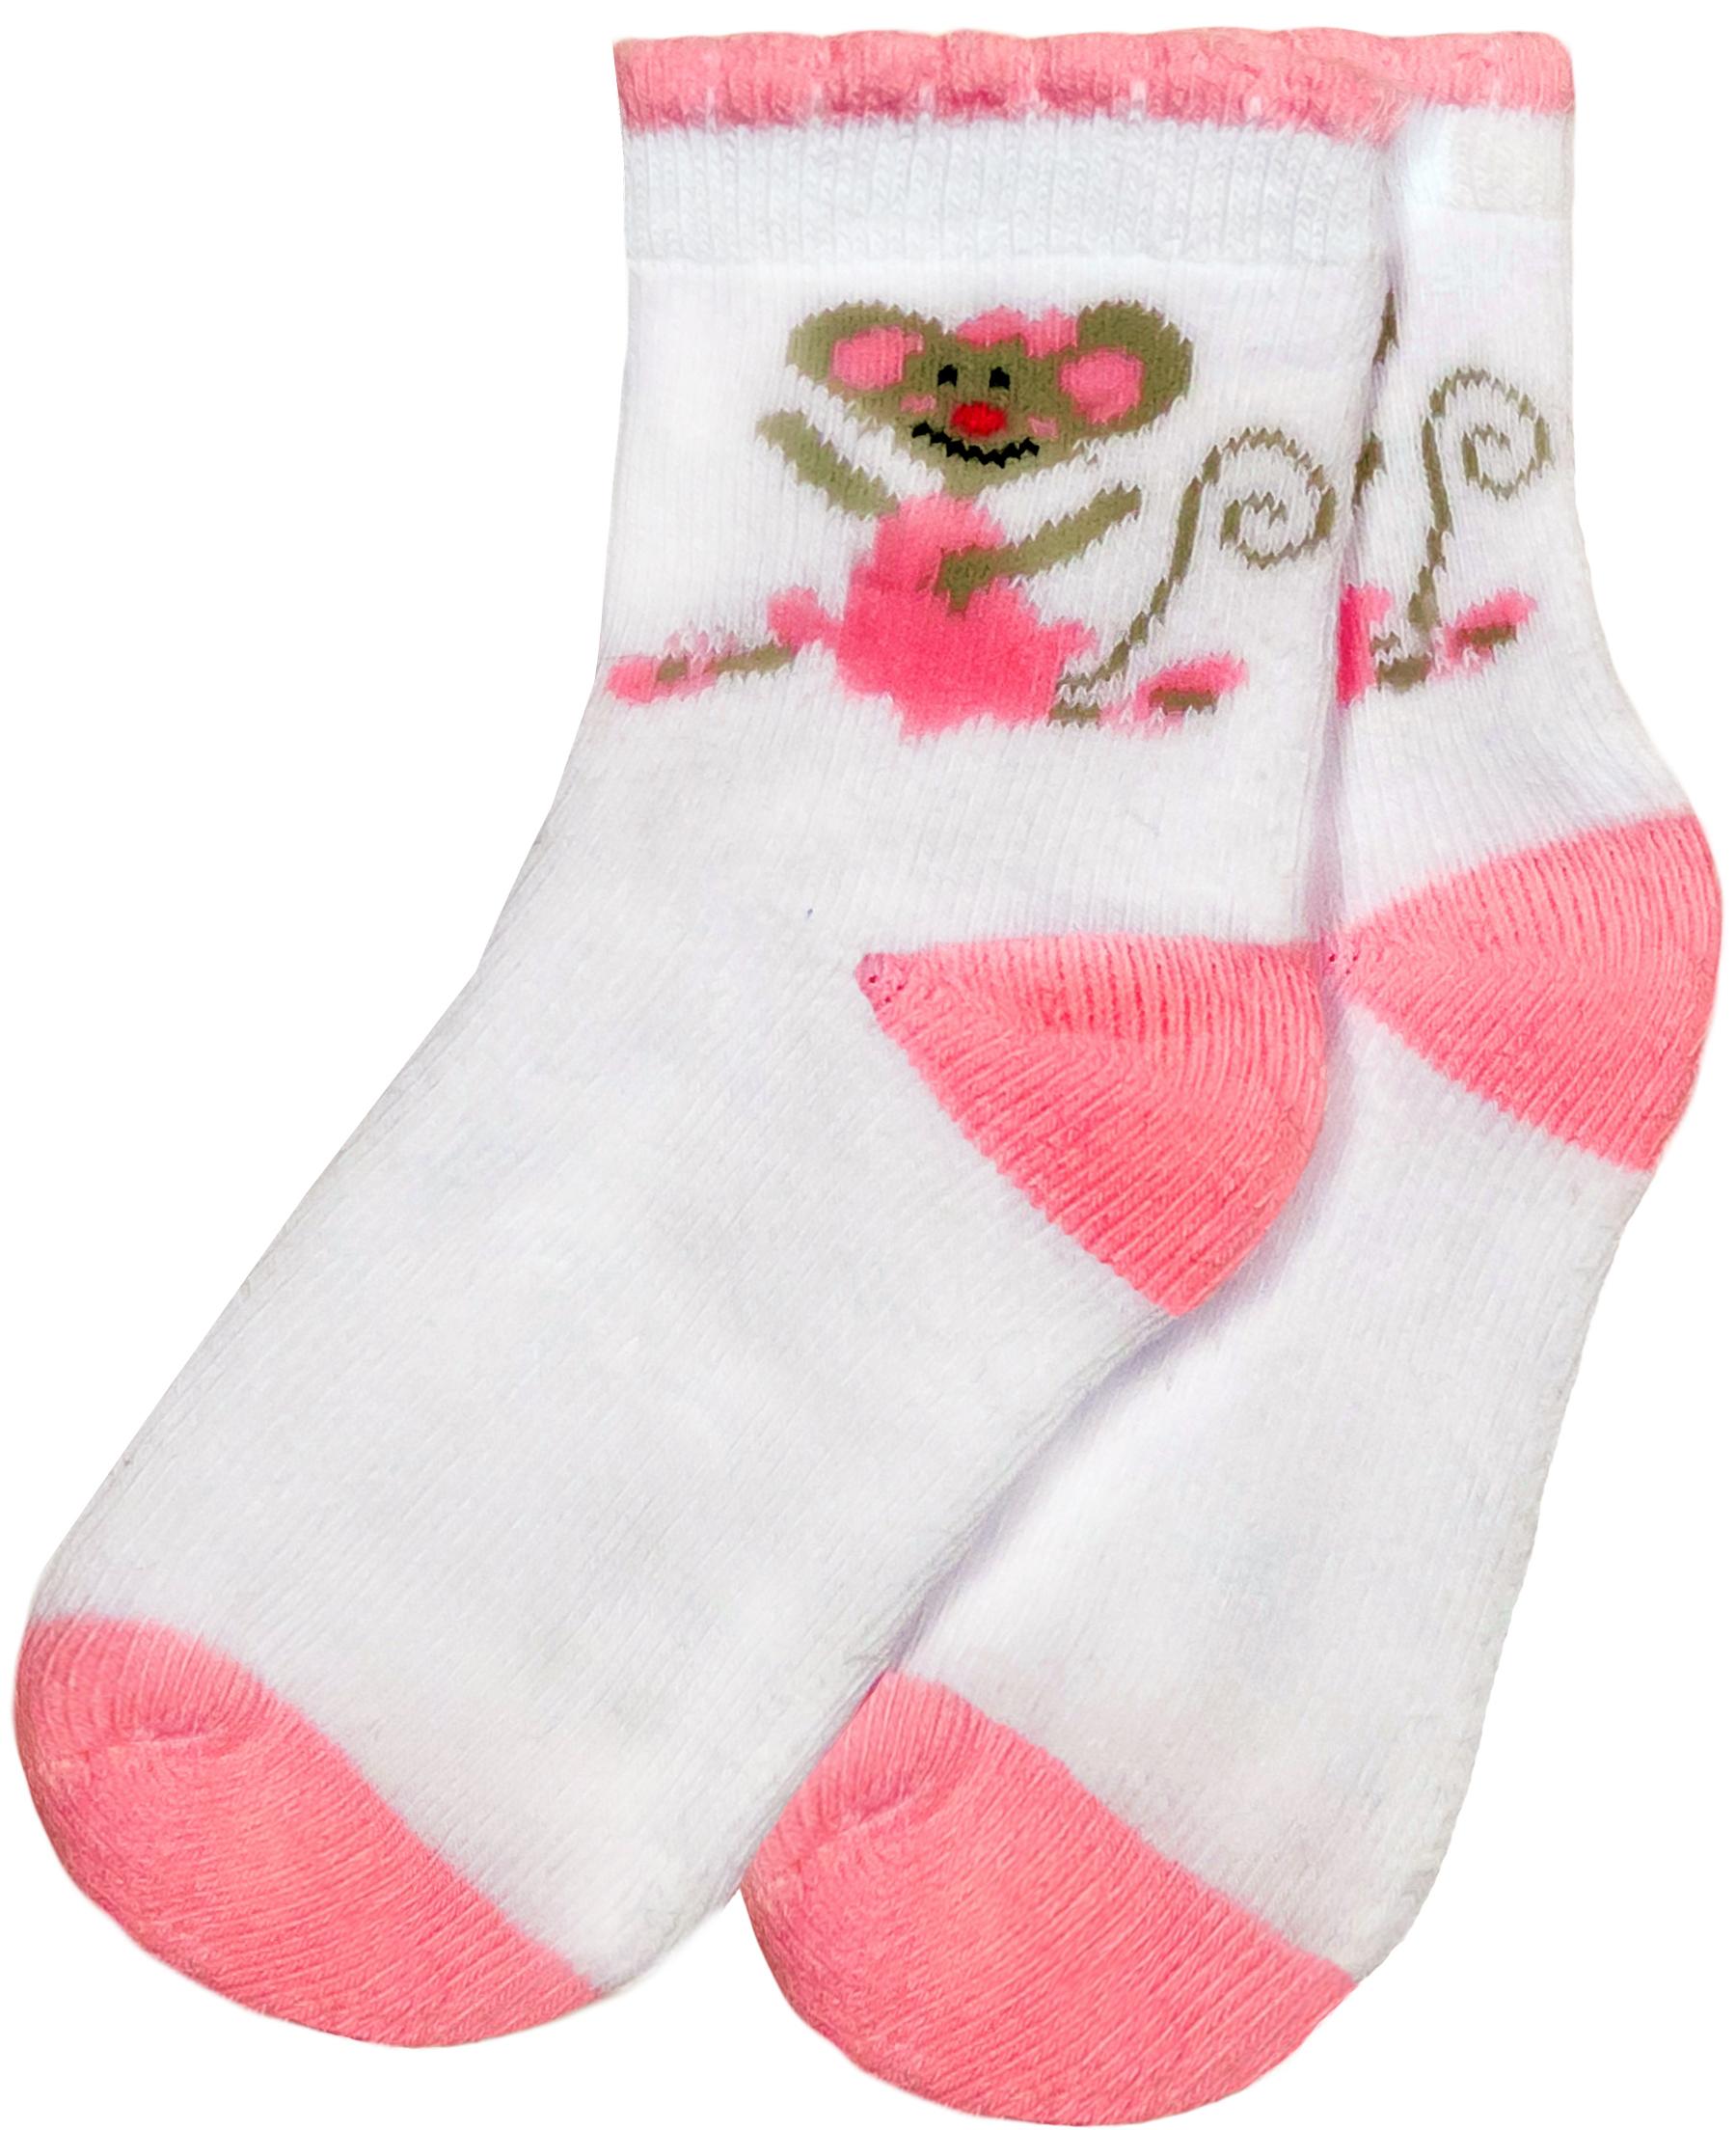 Носки Barkito Носки махровые для девочки Barkito, белые с рисунком носки махровые для мальчика barkito белые с рисунком